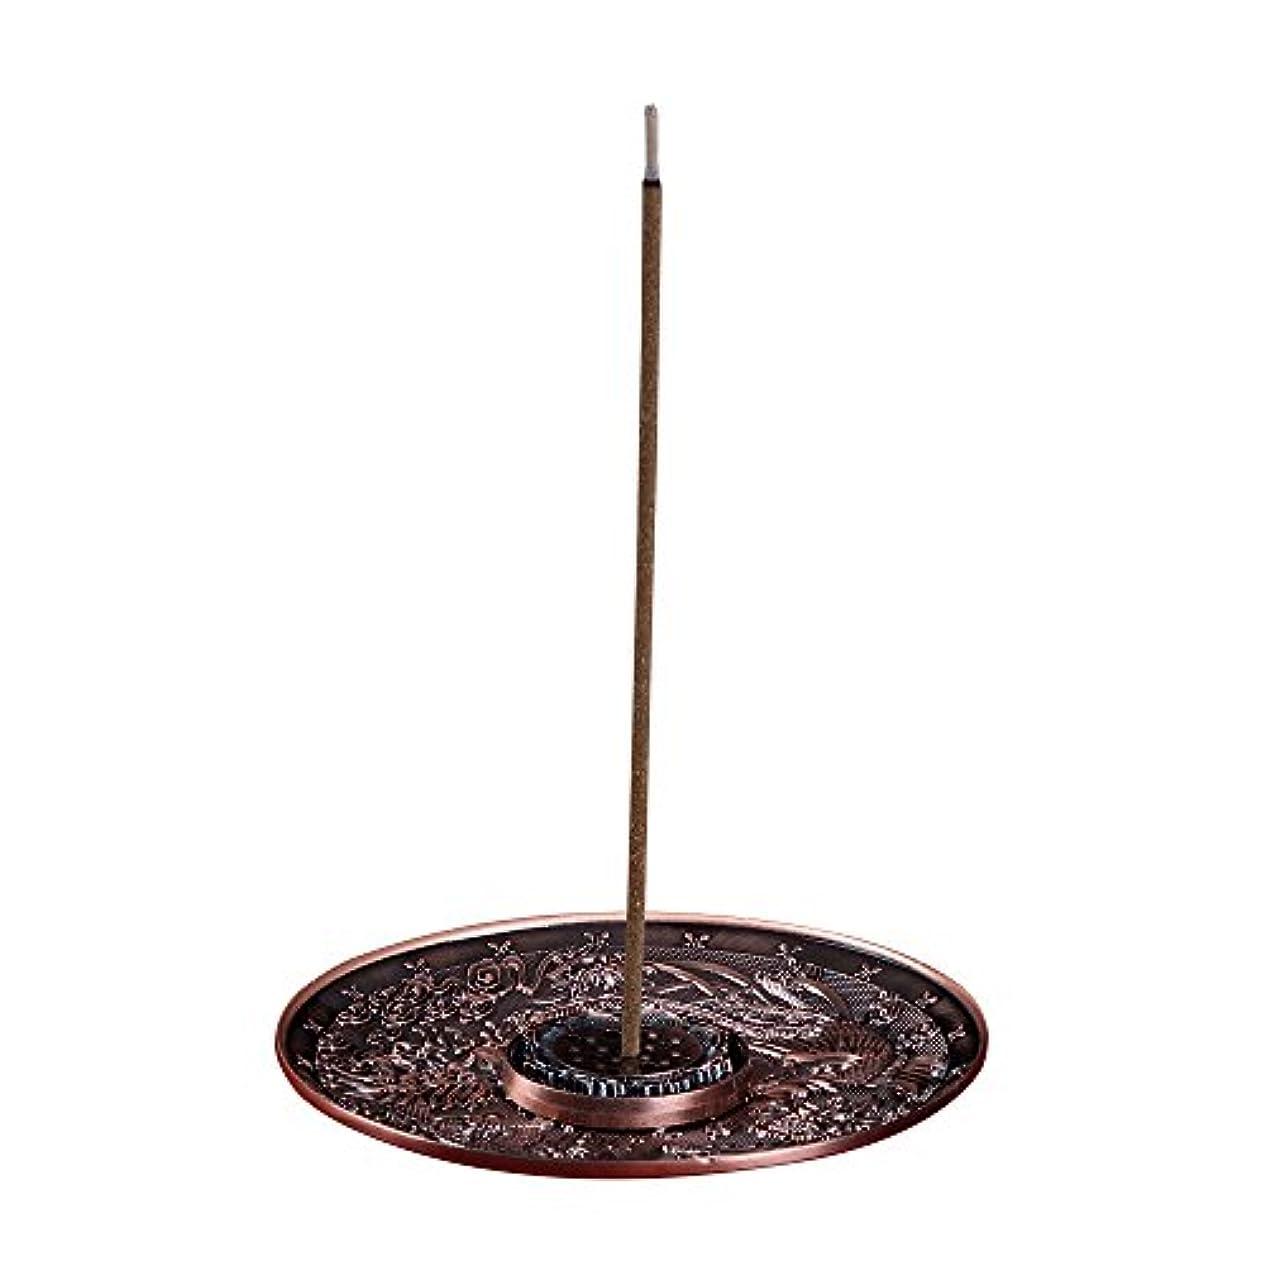 動機タクト教善本堂(ぜんほんどう)香炉 香立て お香用具 お線香用可 アロマ香炉 竜と鳳凰銅雕